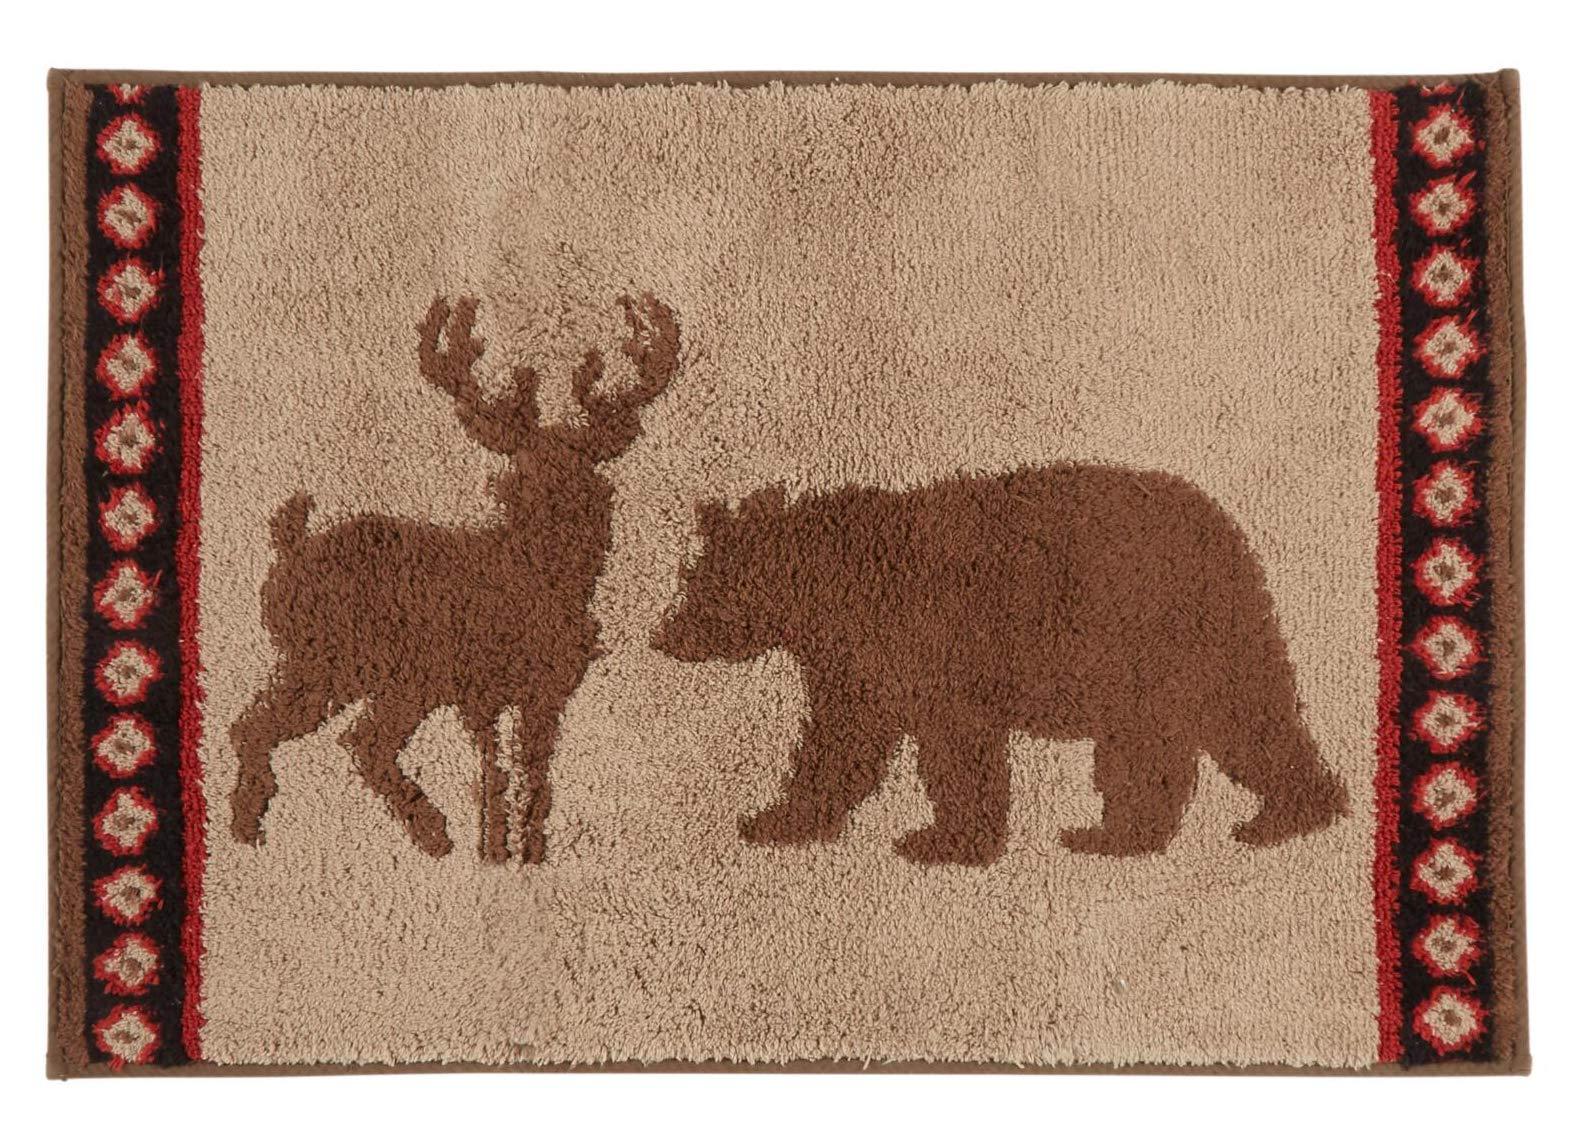 Bath Rug Lodge Deer Stripe Bear Plush Bathroom Mat, Non-Slip Backing, 20 x 30 inches,